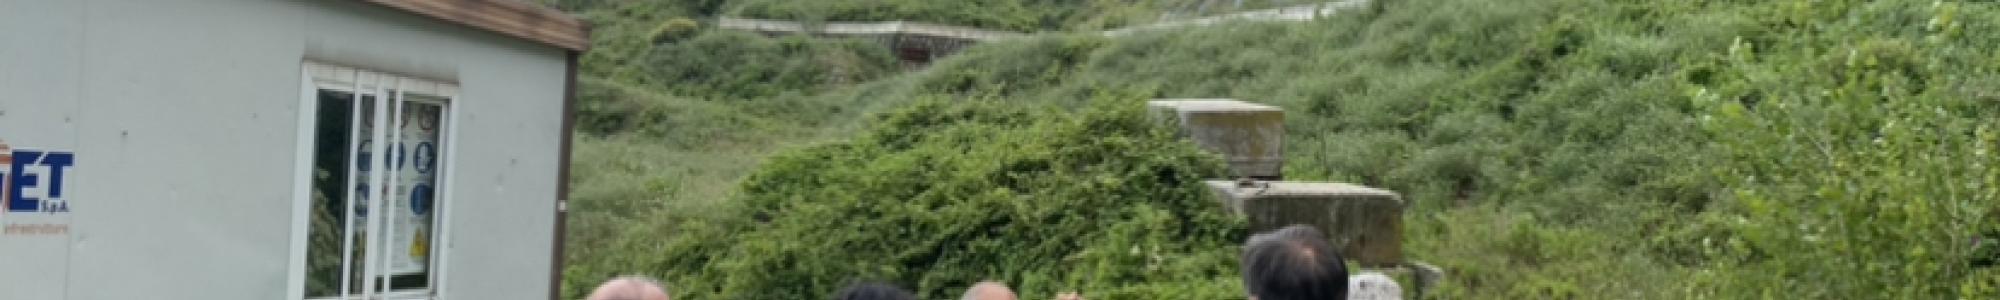 Il sopralluogo a Cava Lupara